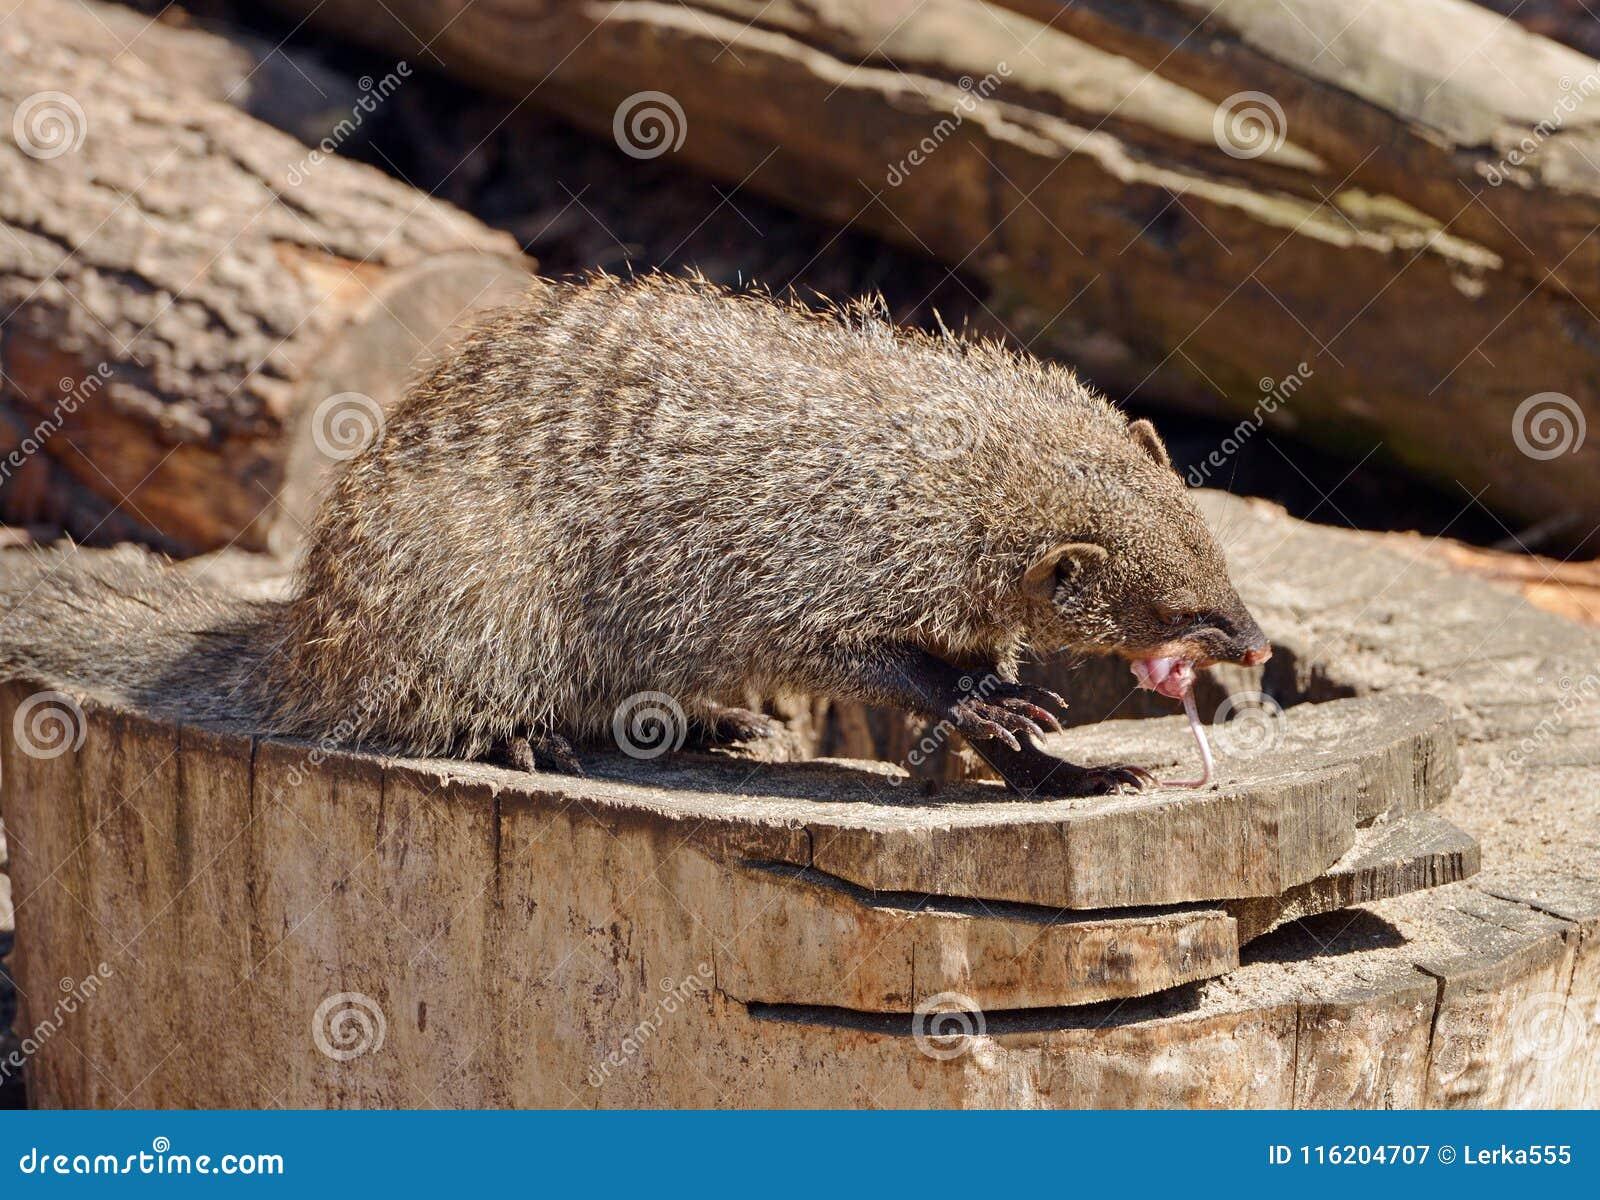 Banded Mongoose Mungos Mungo Eats White Mouse Stock Image Of Sturdy